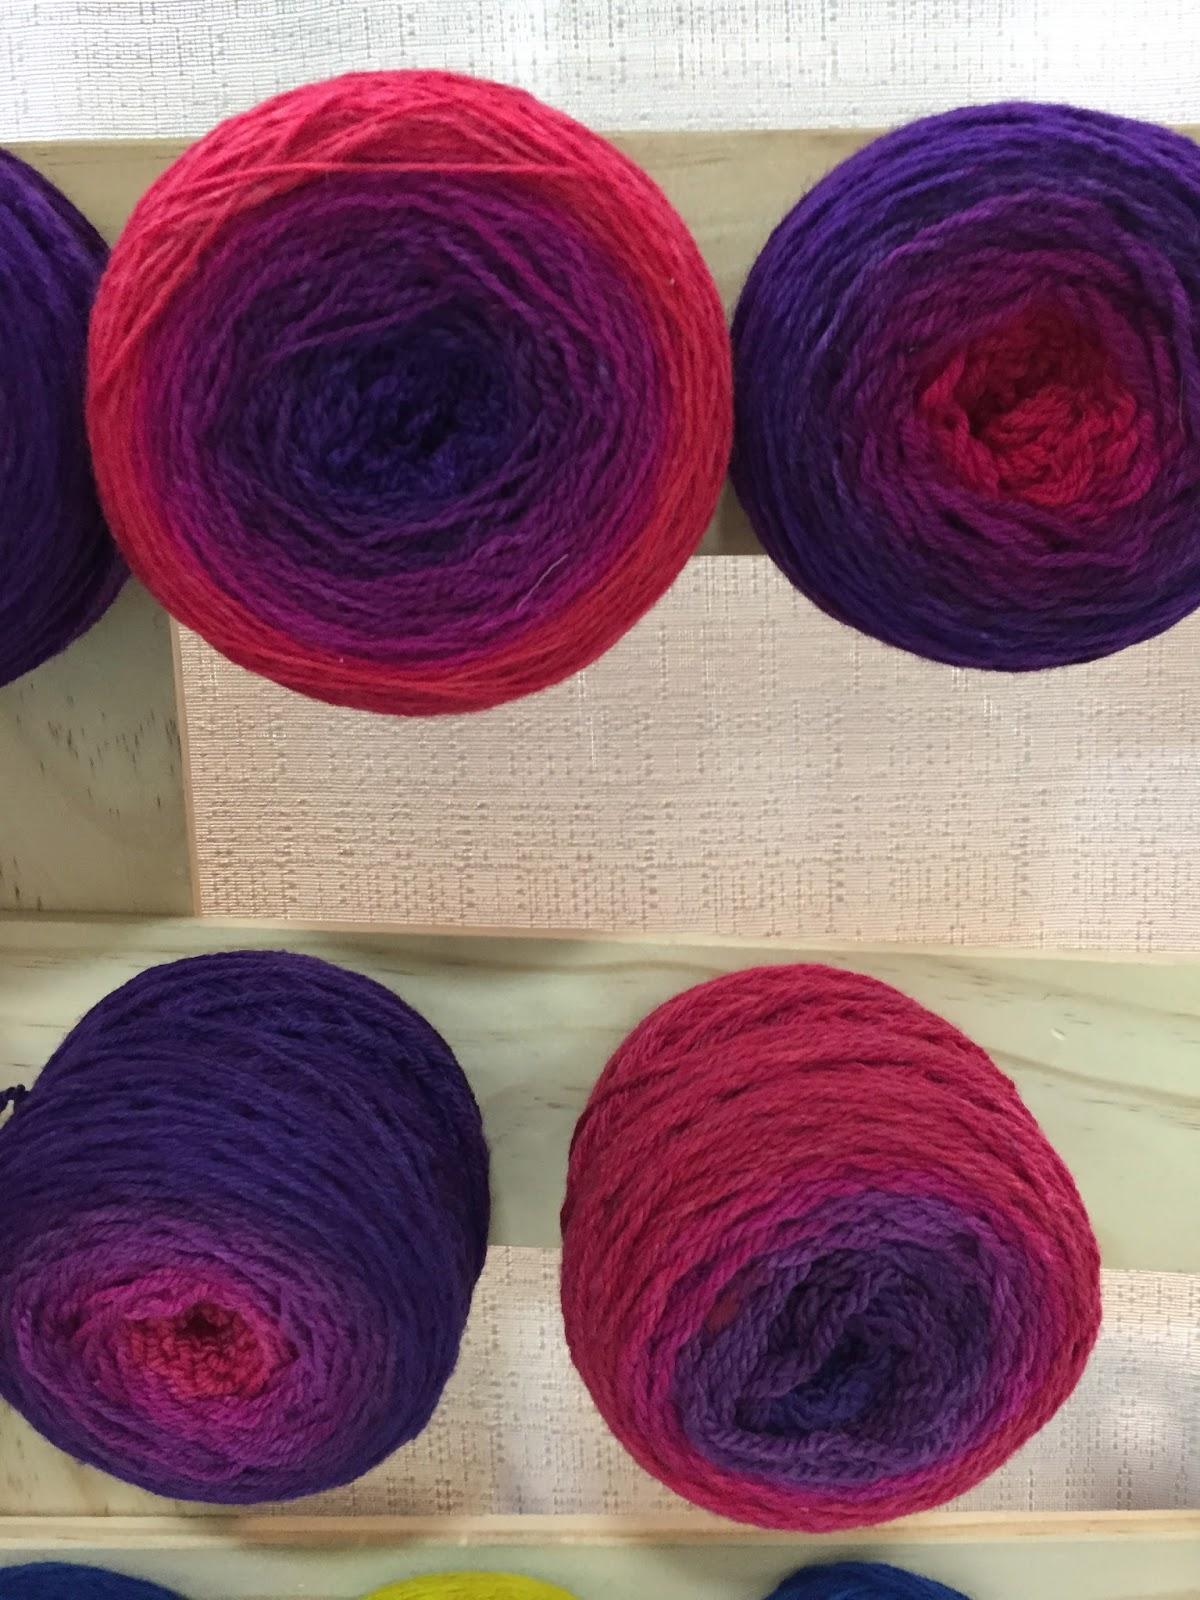 A Really Good Yarn: Yarn Shopping